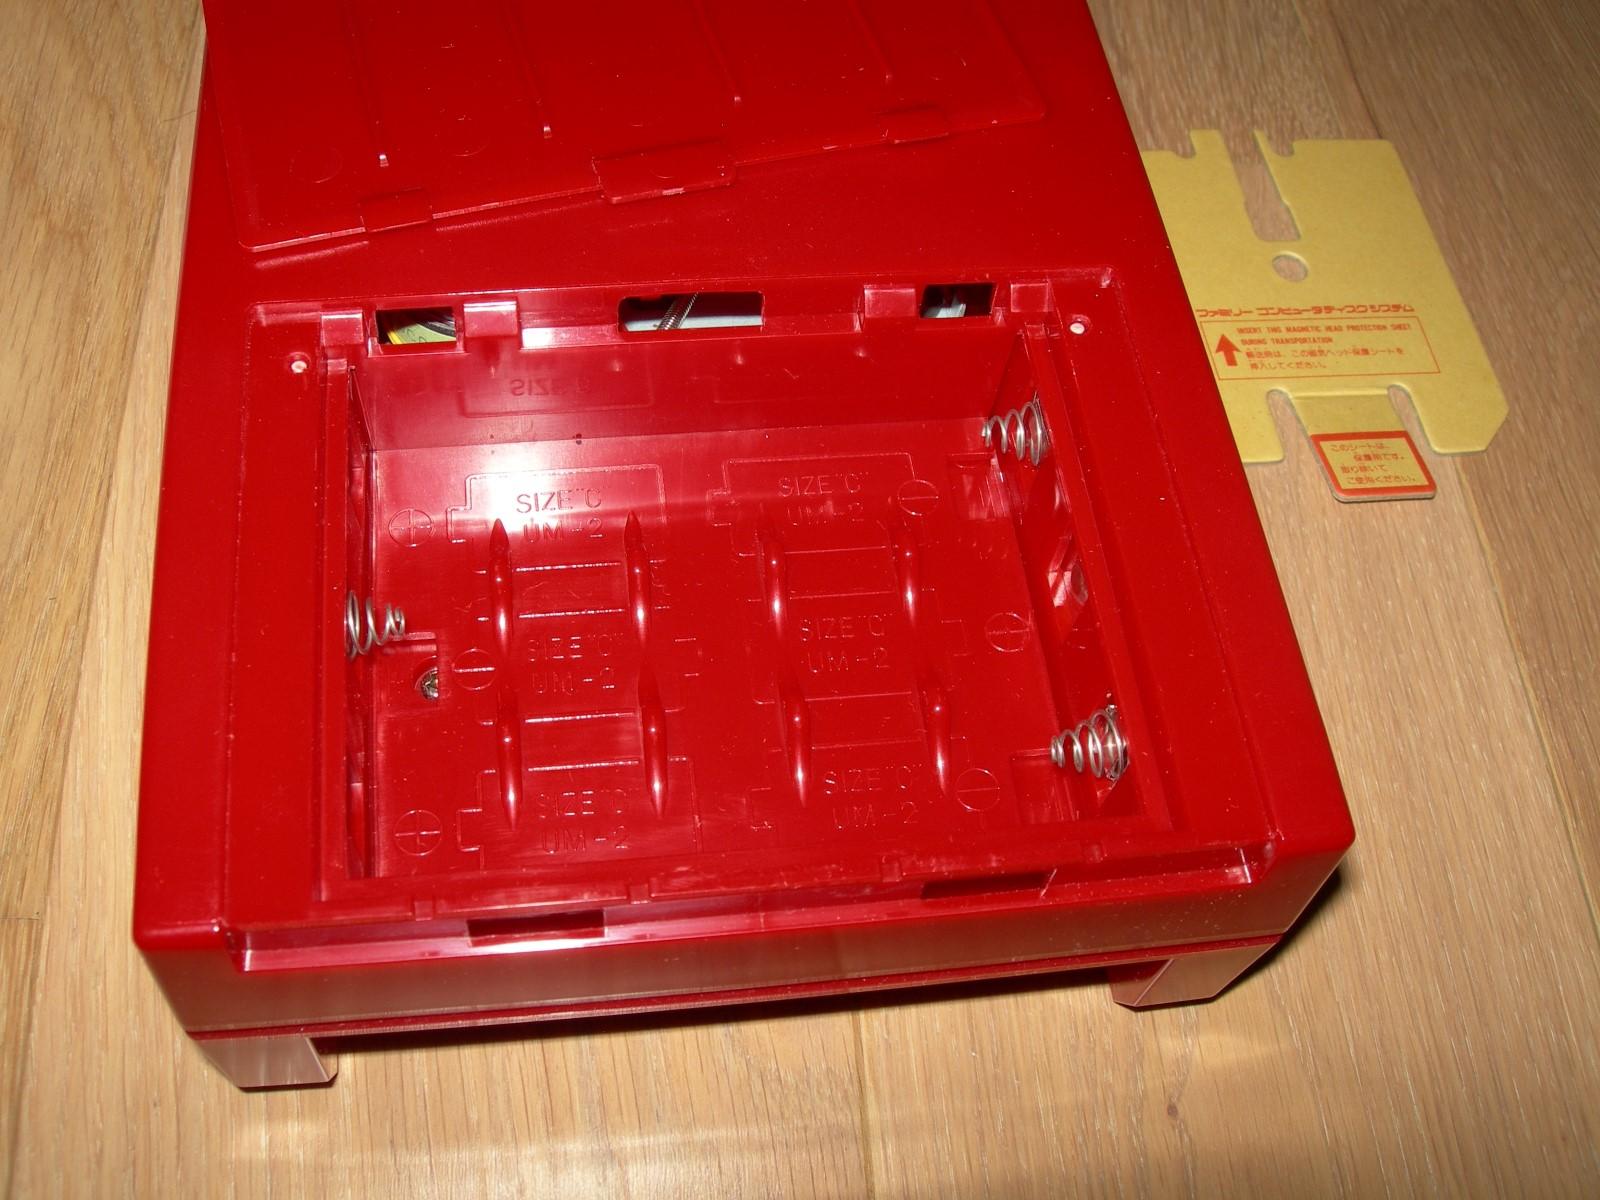 [VDS] Famicom Disk System en boite Dscn3513